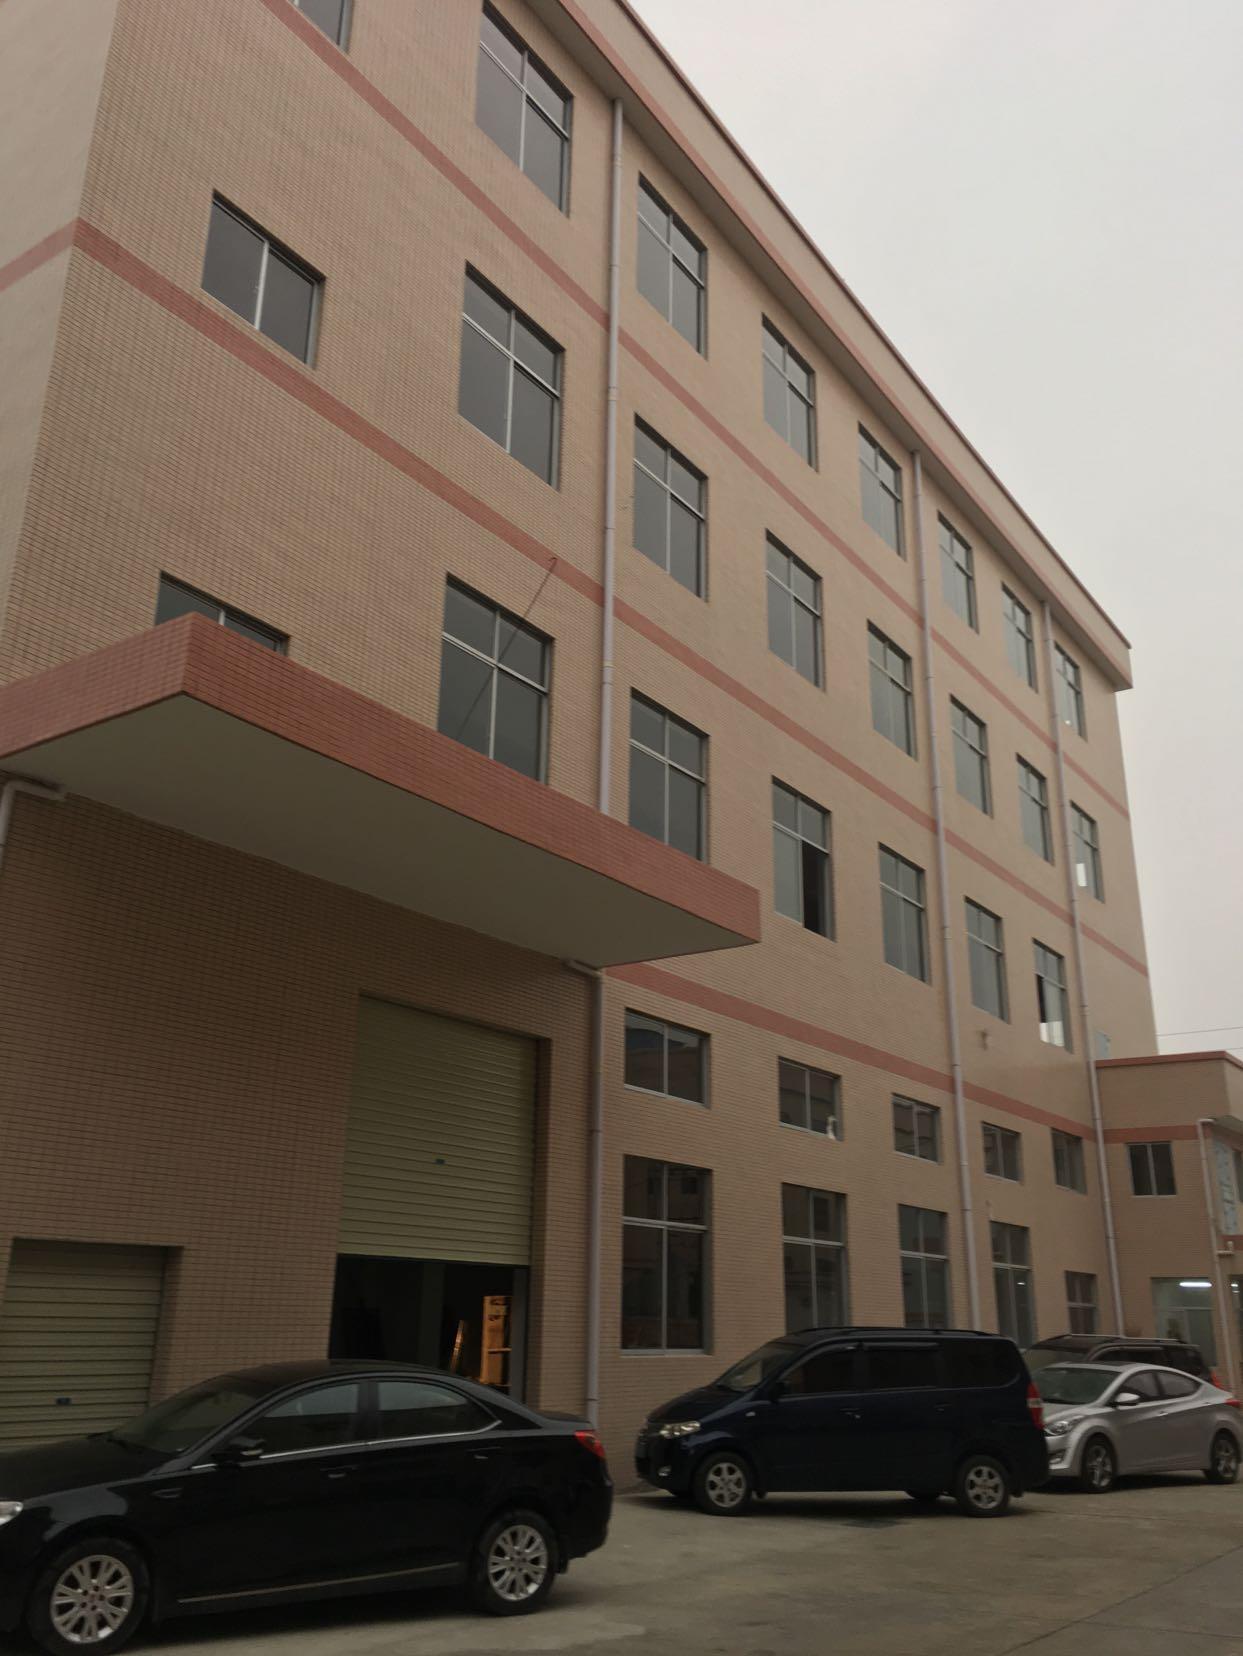 桥头镇新出全新标准厂房6000平方一栋四层分租